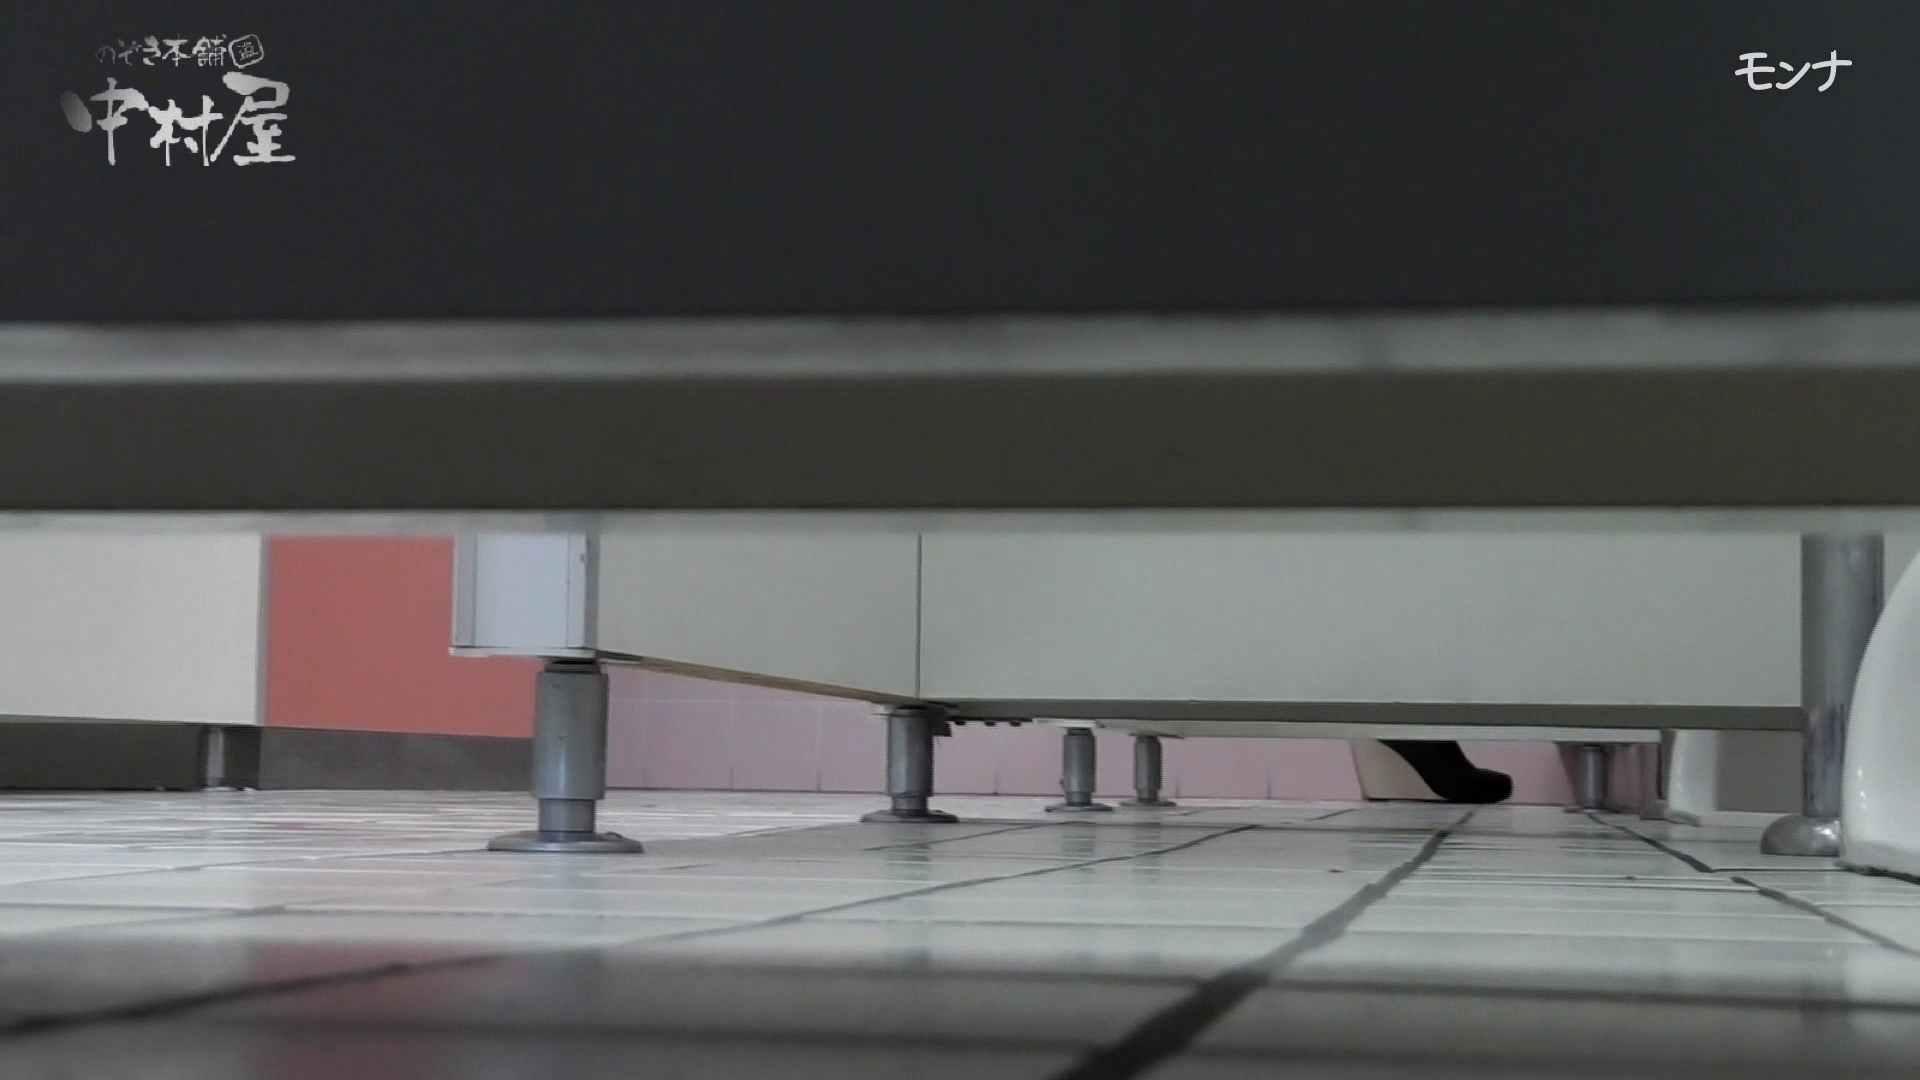 美しい日本の未来 No.49 何があった?カメラ持ちながらみんなの前に!潜り抜け 後編 盗撮動画 | おまんこ大好き  11枚 7